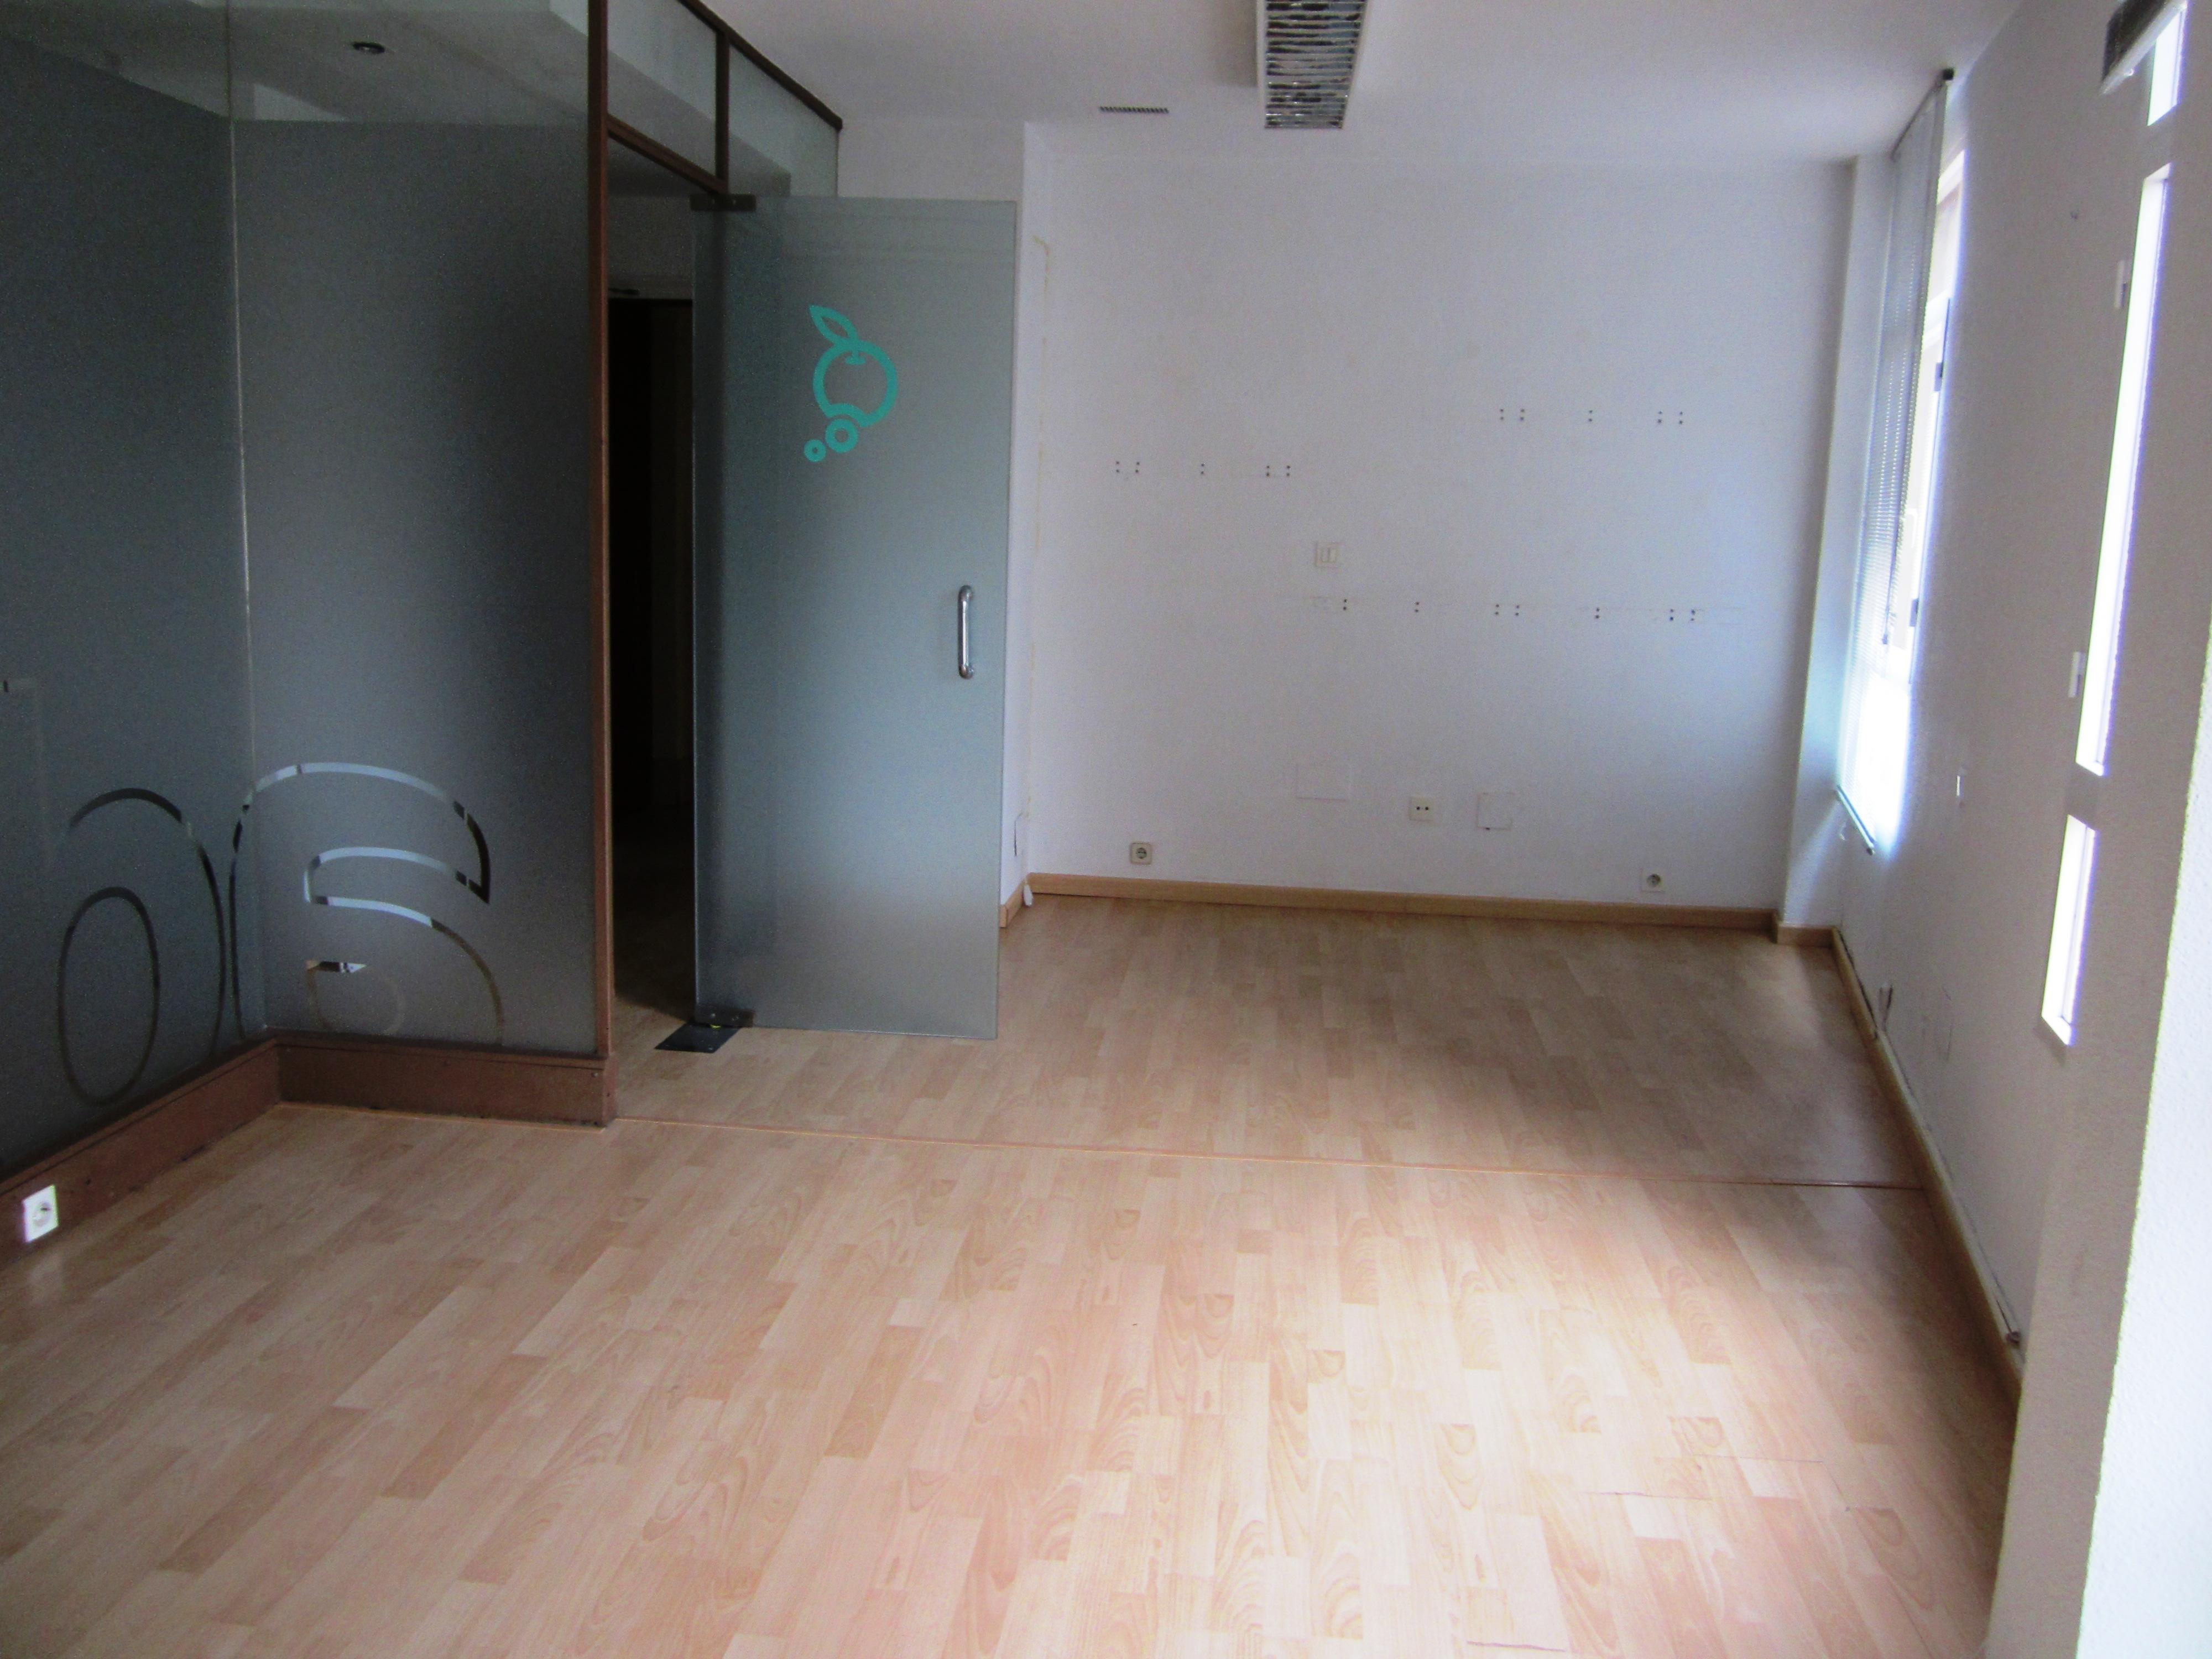 Oficinas Calderón de la Barca 009